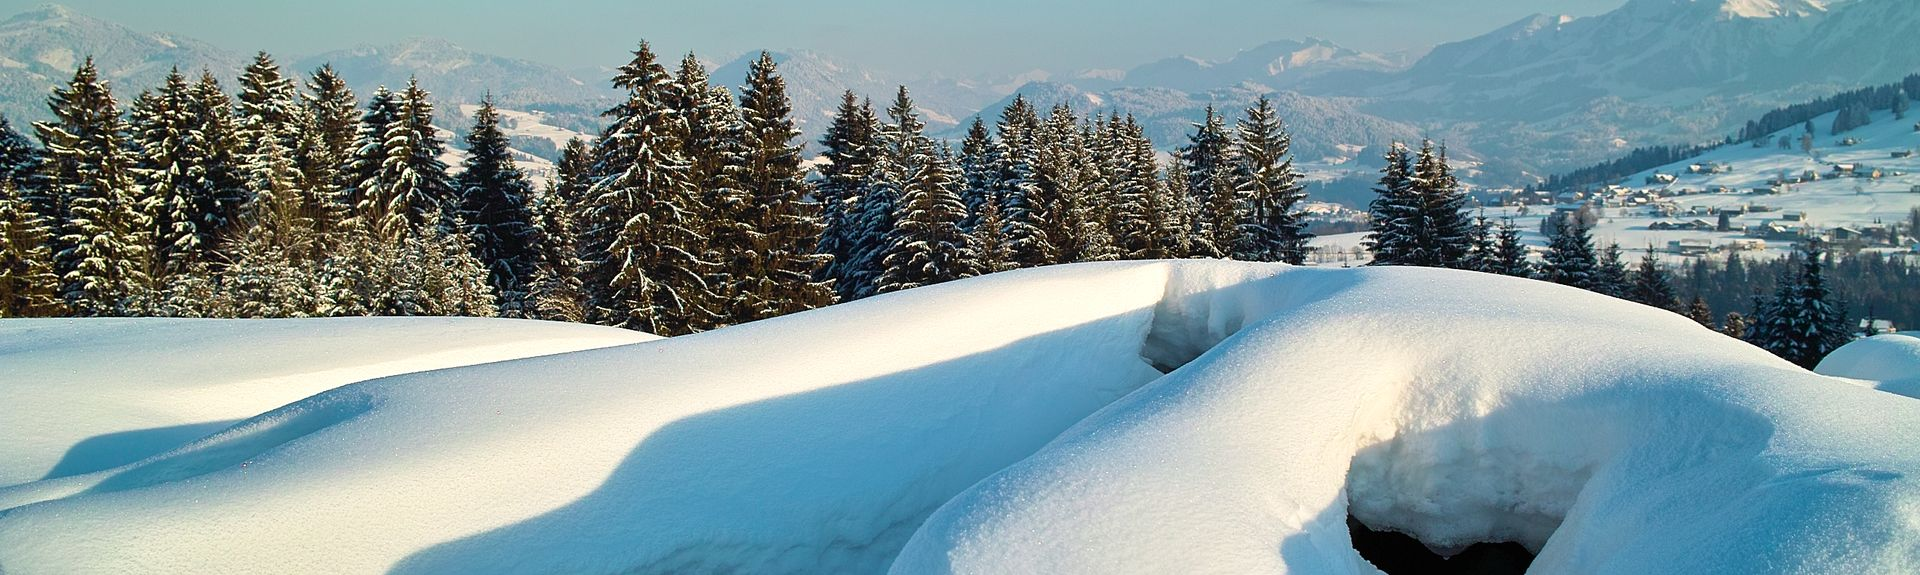 Lochau, Vorarlberg, Österreich